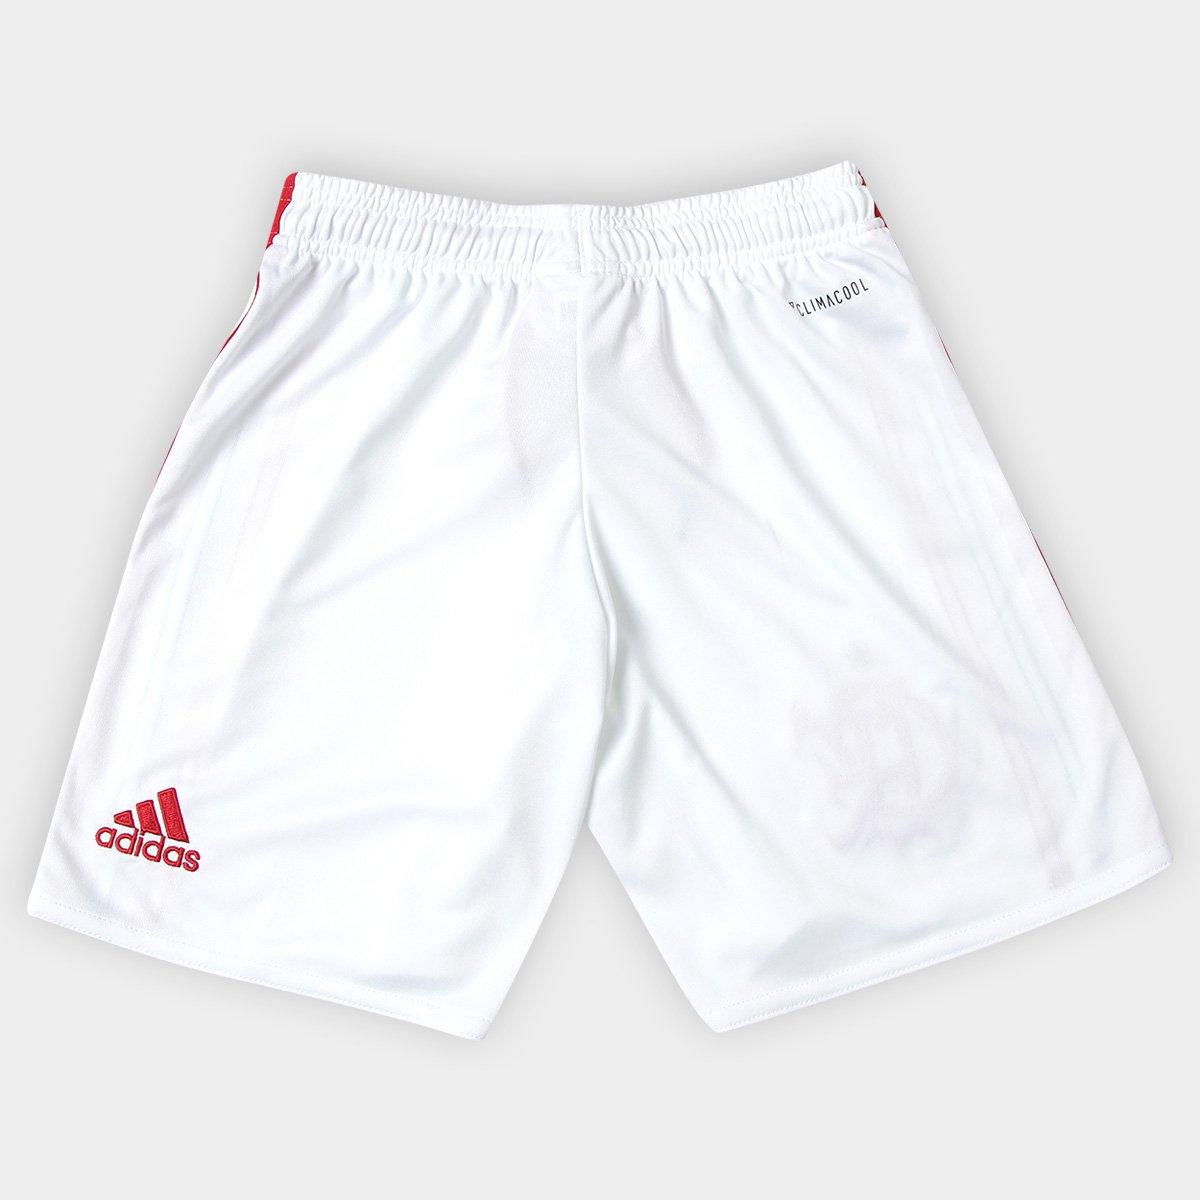 a7855361ac Calção Flamengo Infantil I 17 18 Adidas - Branco - Compre Agora ...